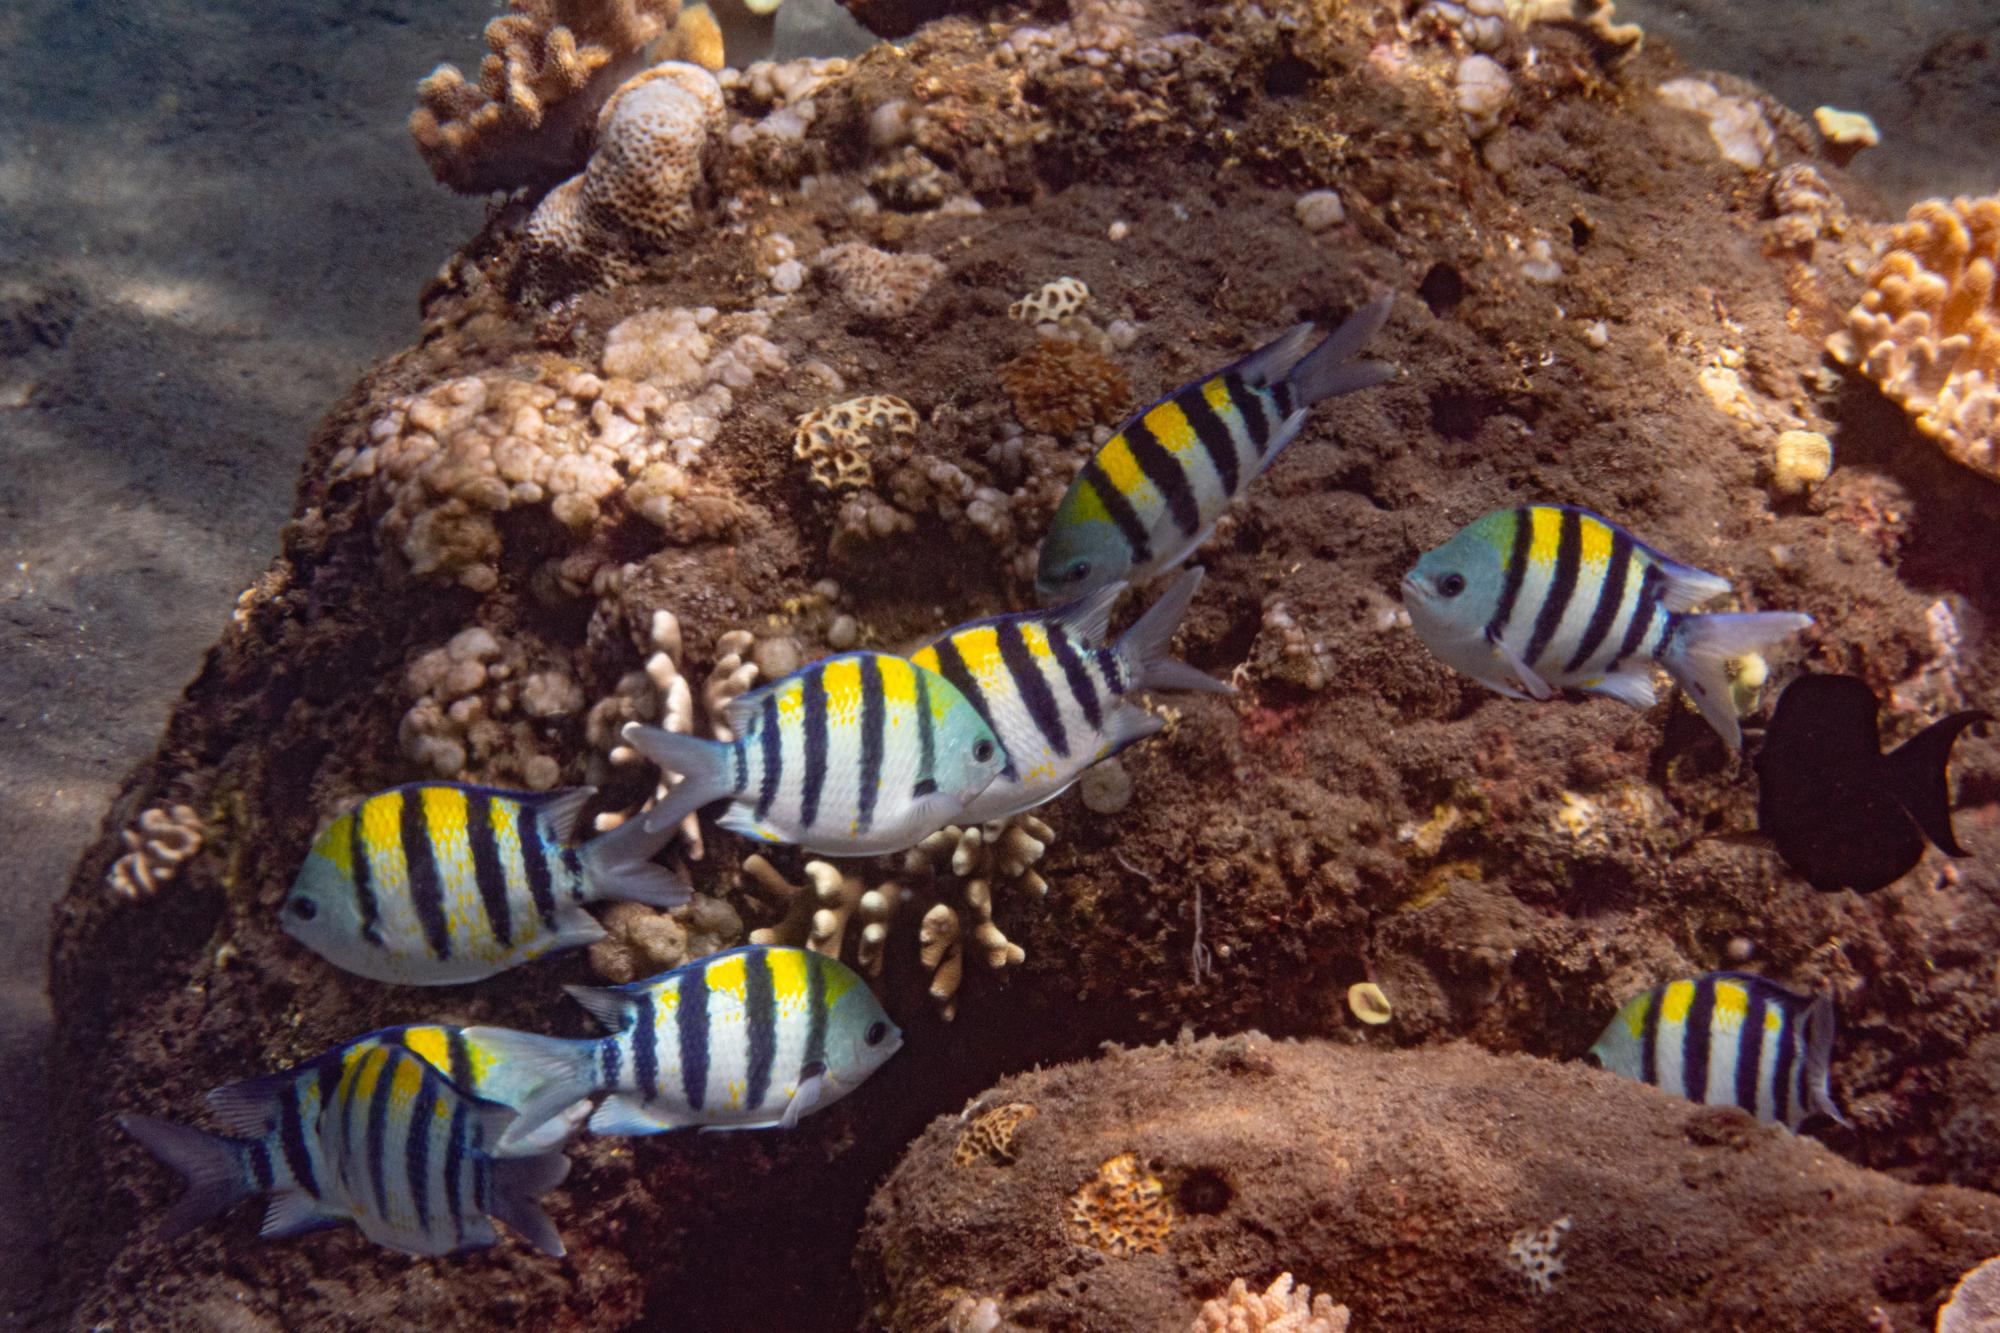 Indo-Pazifischer Feldwebelfisch - Abudefduf vaigiensis (Quoy & Gaimard, 1825)